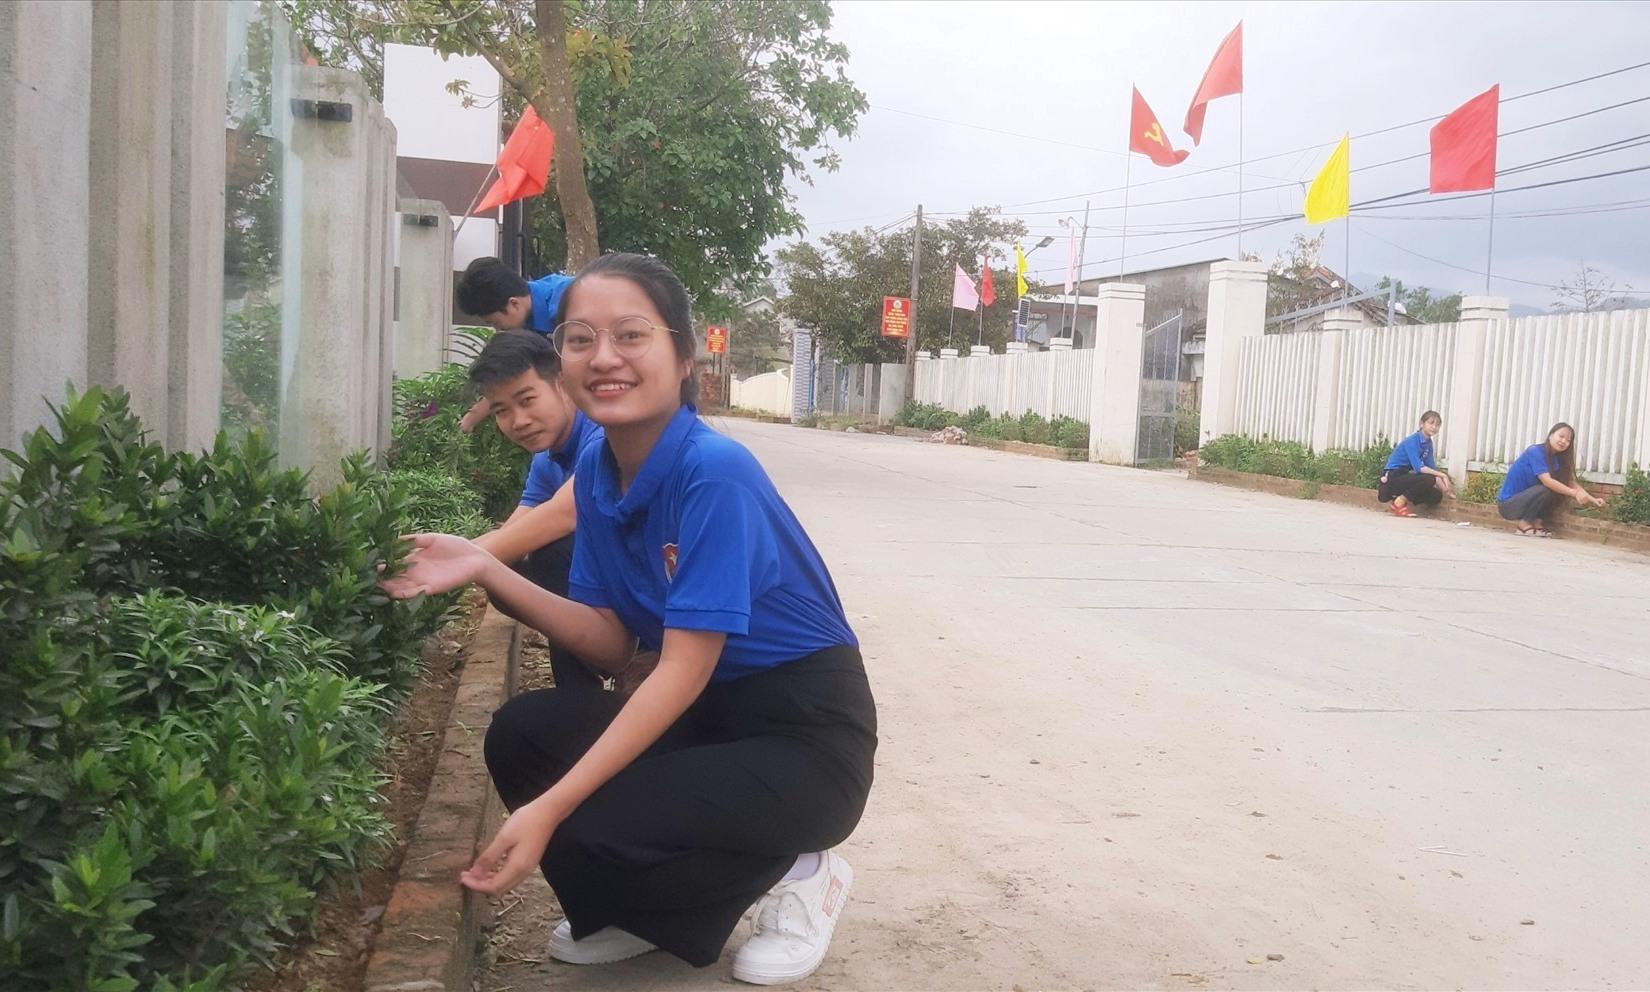 Đoàn viên thanh niên huyện Duy Xuyên chăm sóc đường hoa ở các khu dân cư. Ảnh: VĂN SỰ